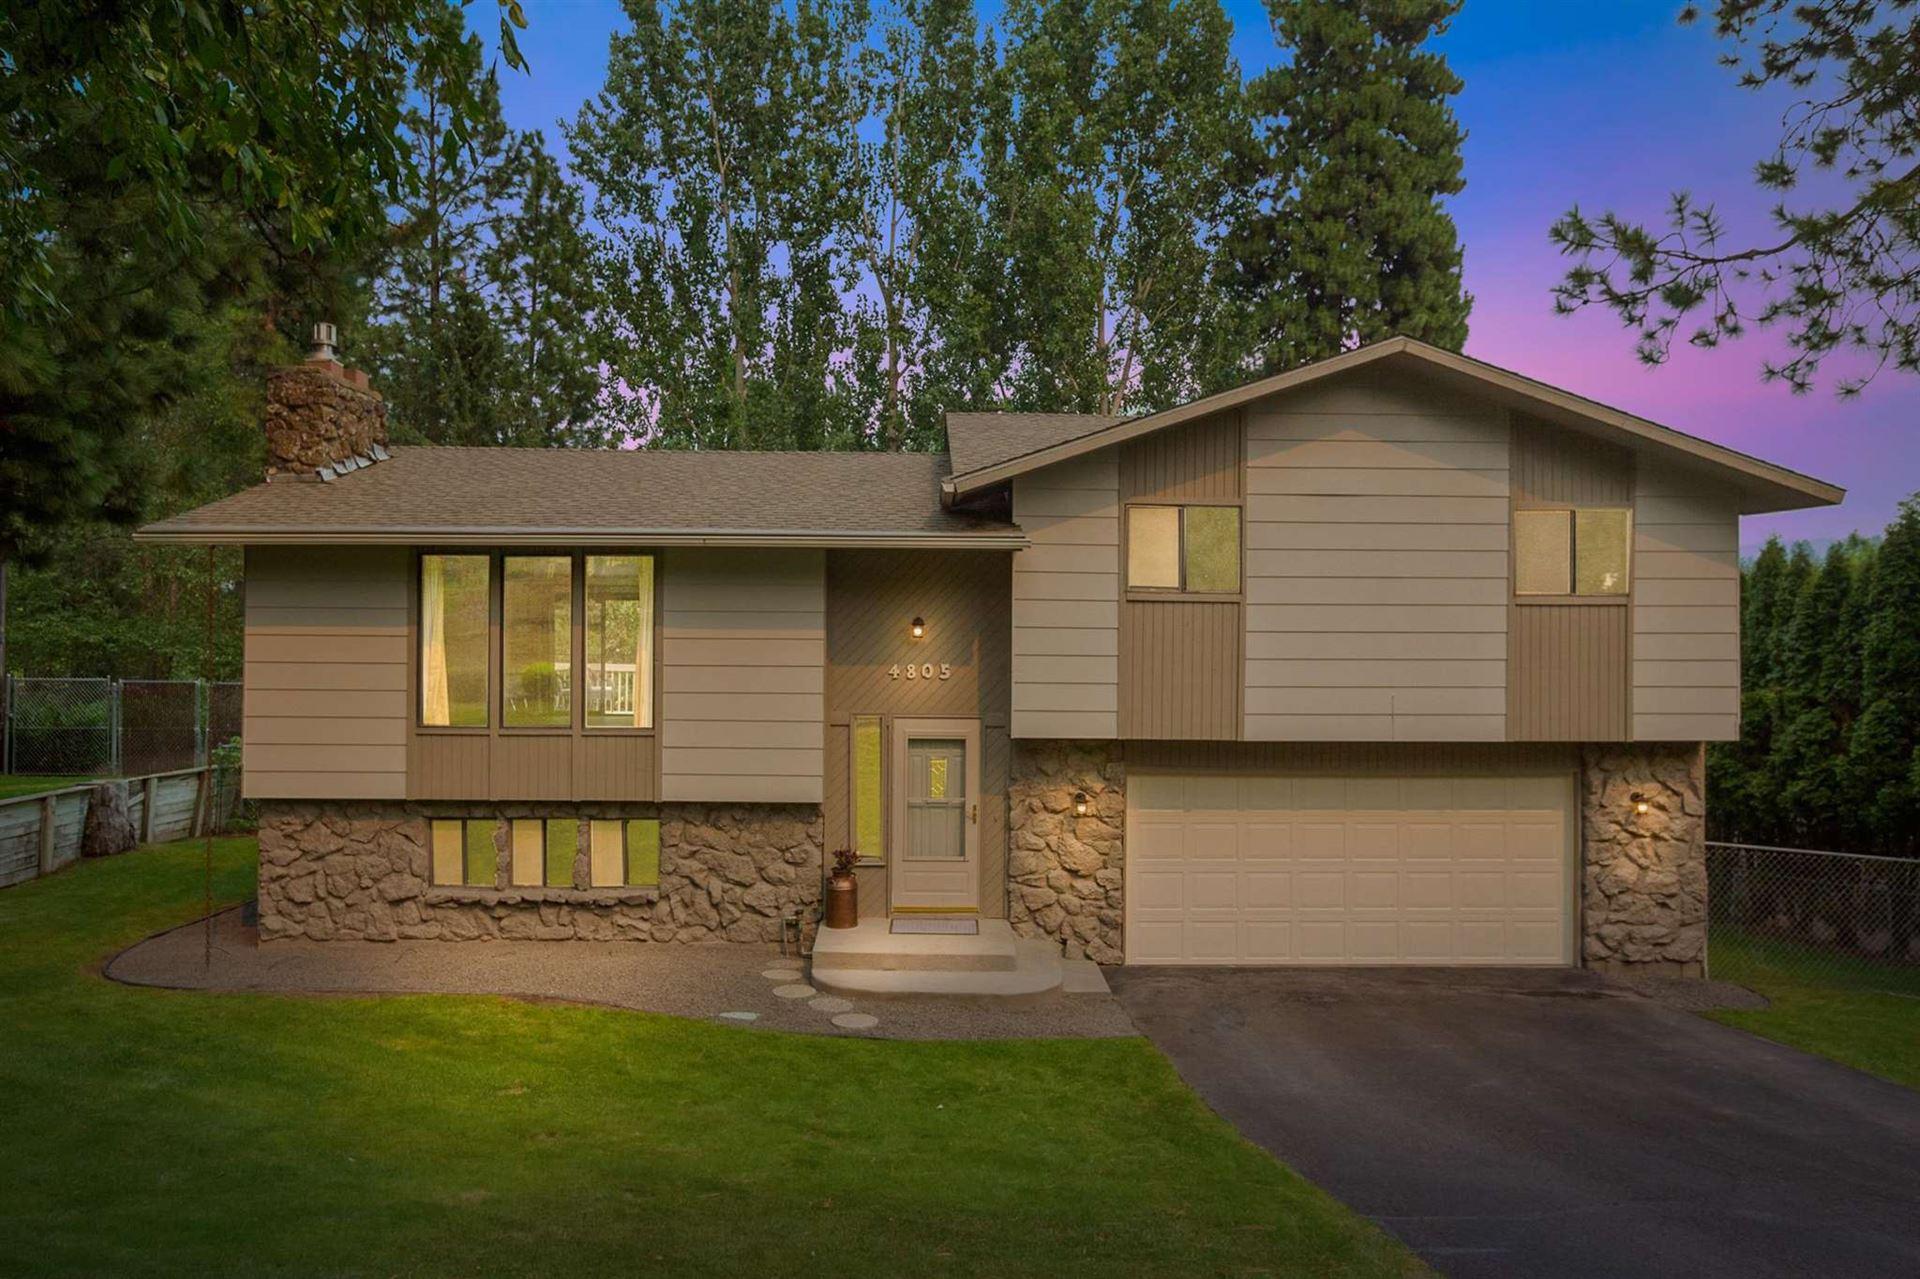 4805 S Bates Rd, Spokane Valley, WA 99206 - #: 202119989